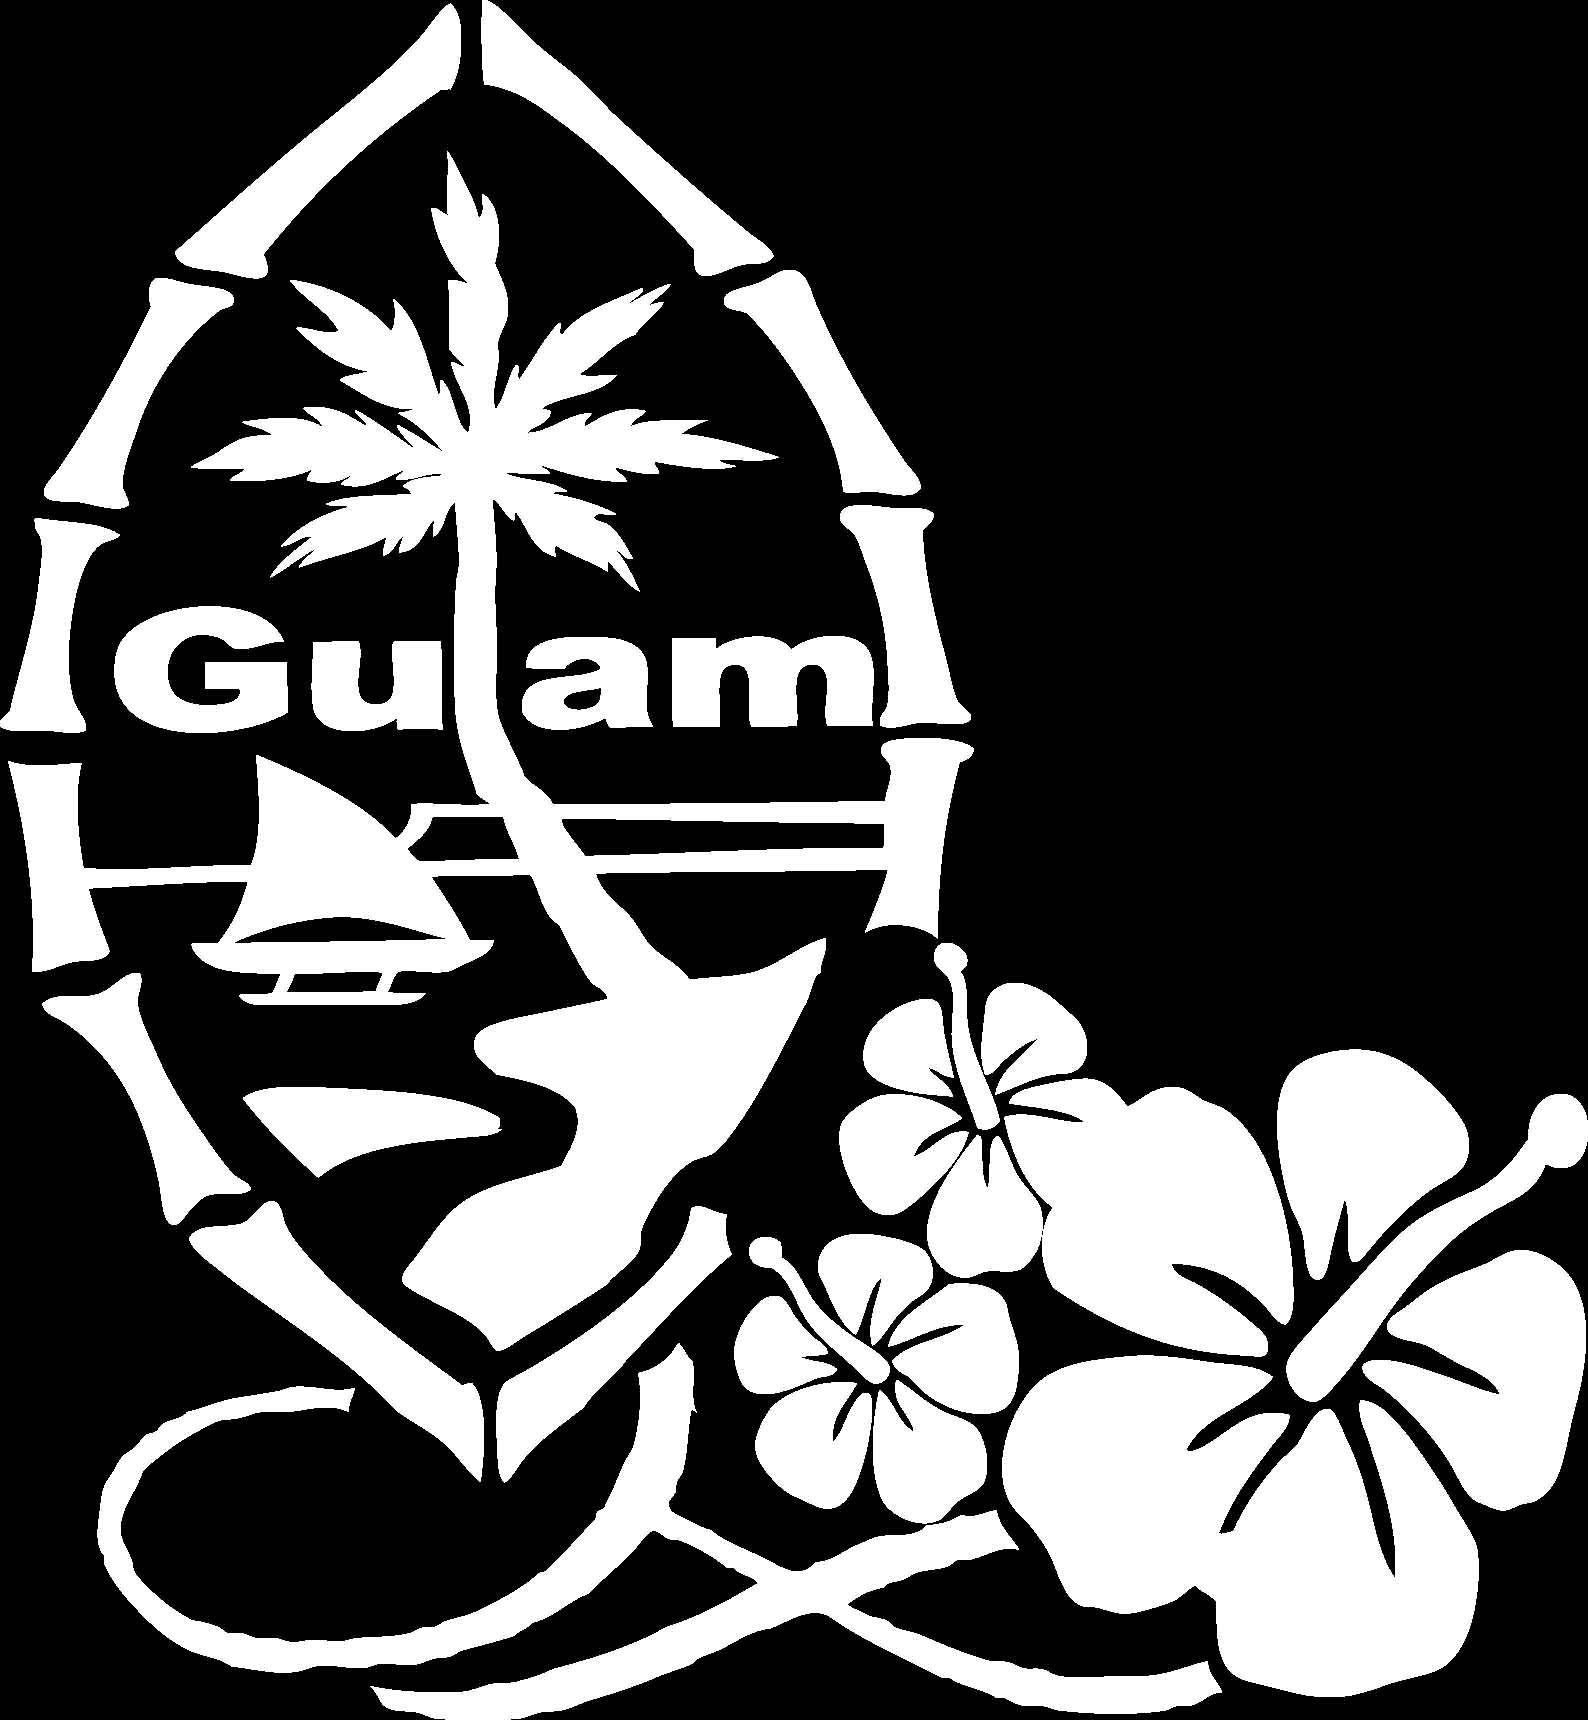 Guam hibiscus decal